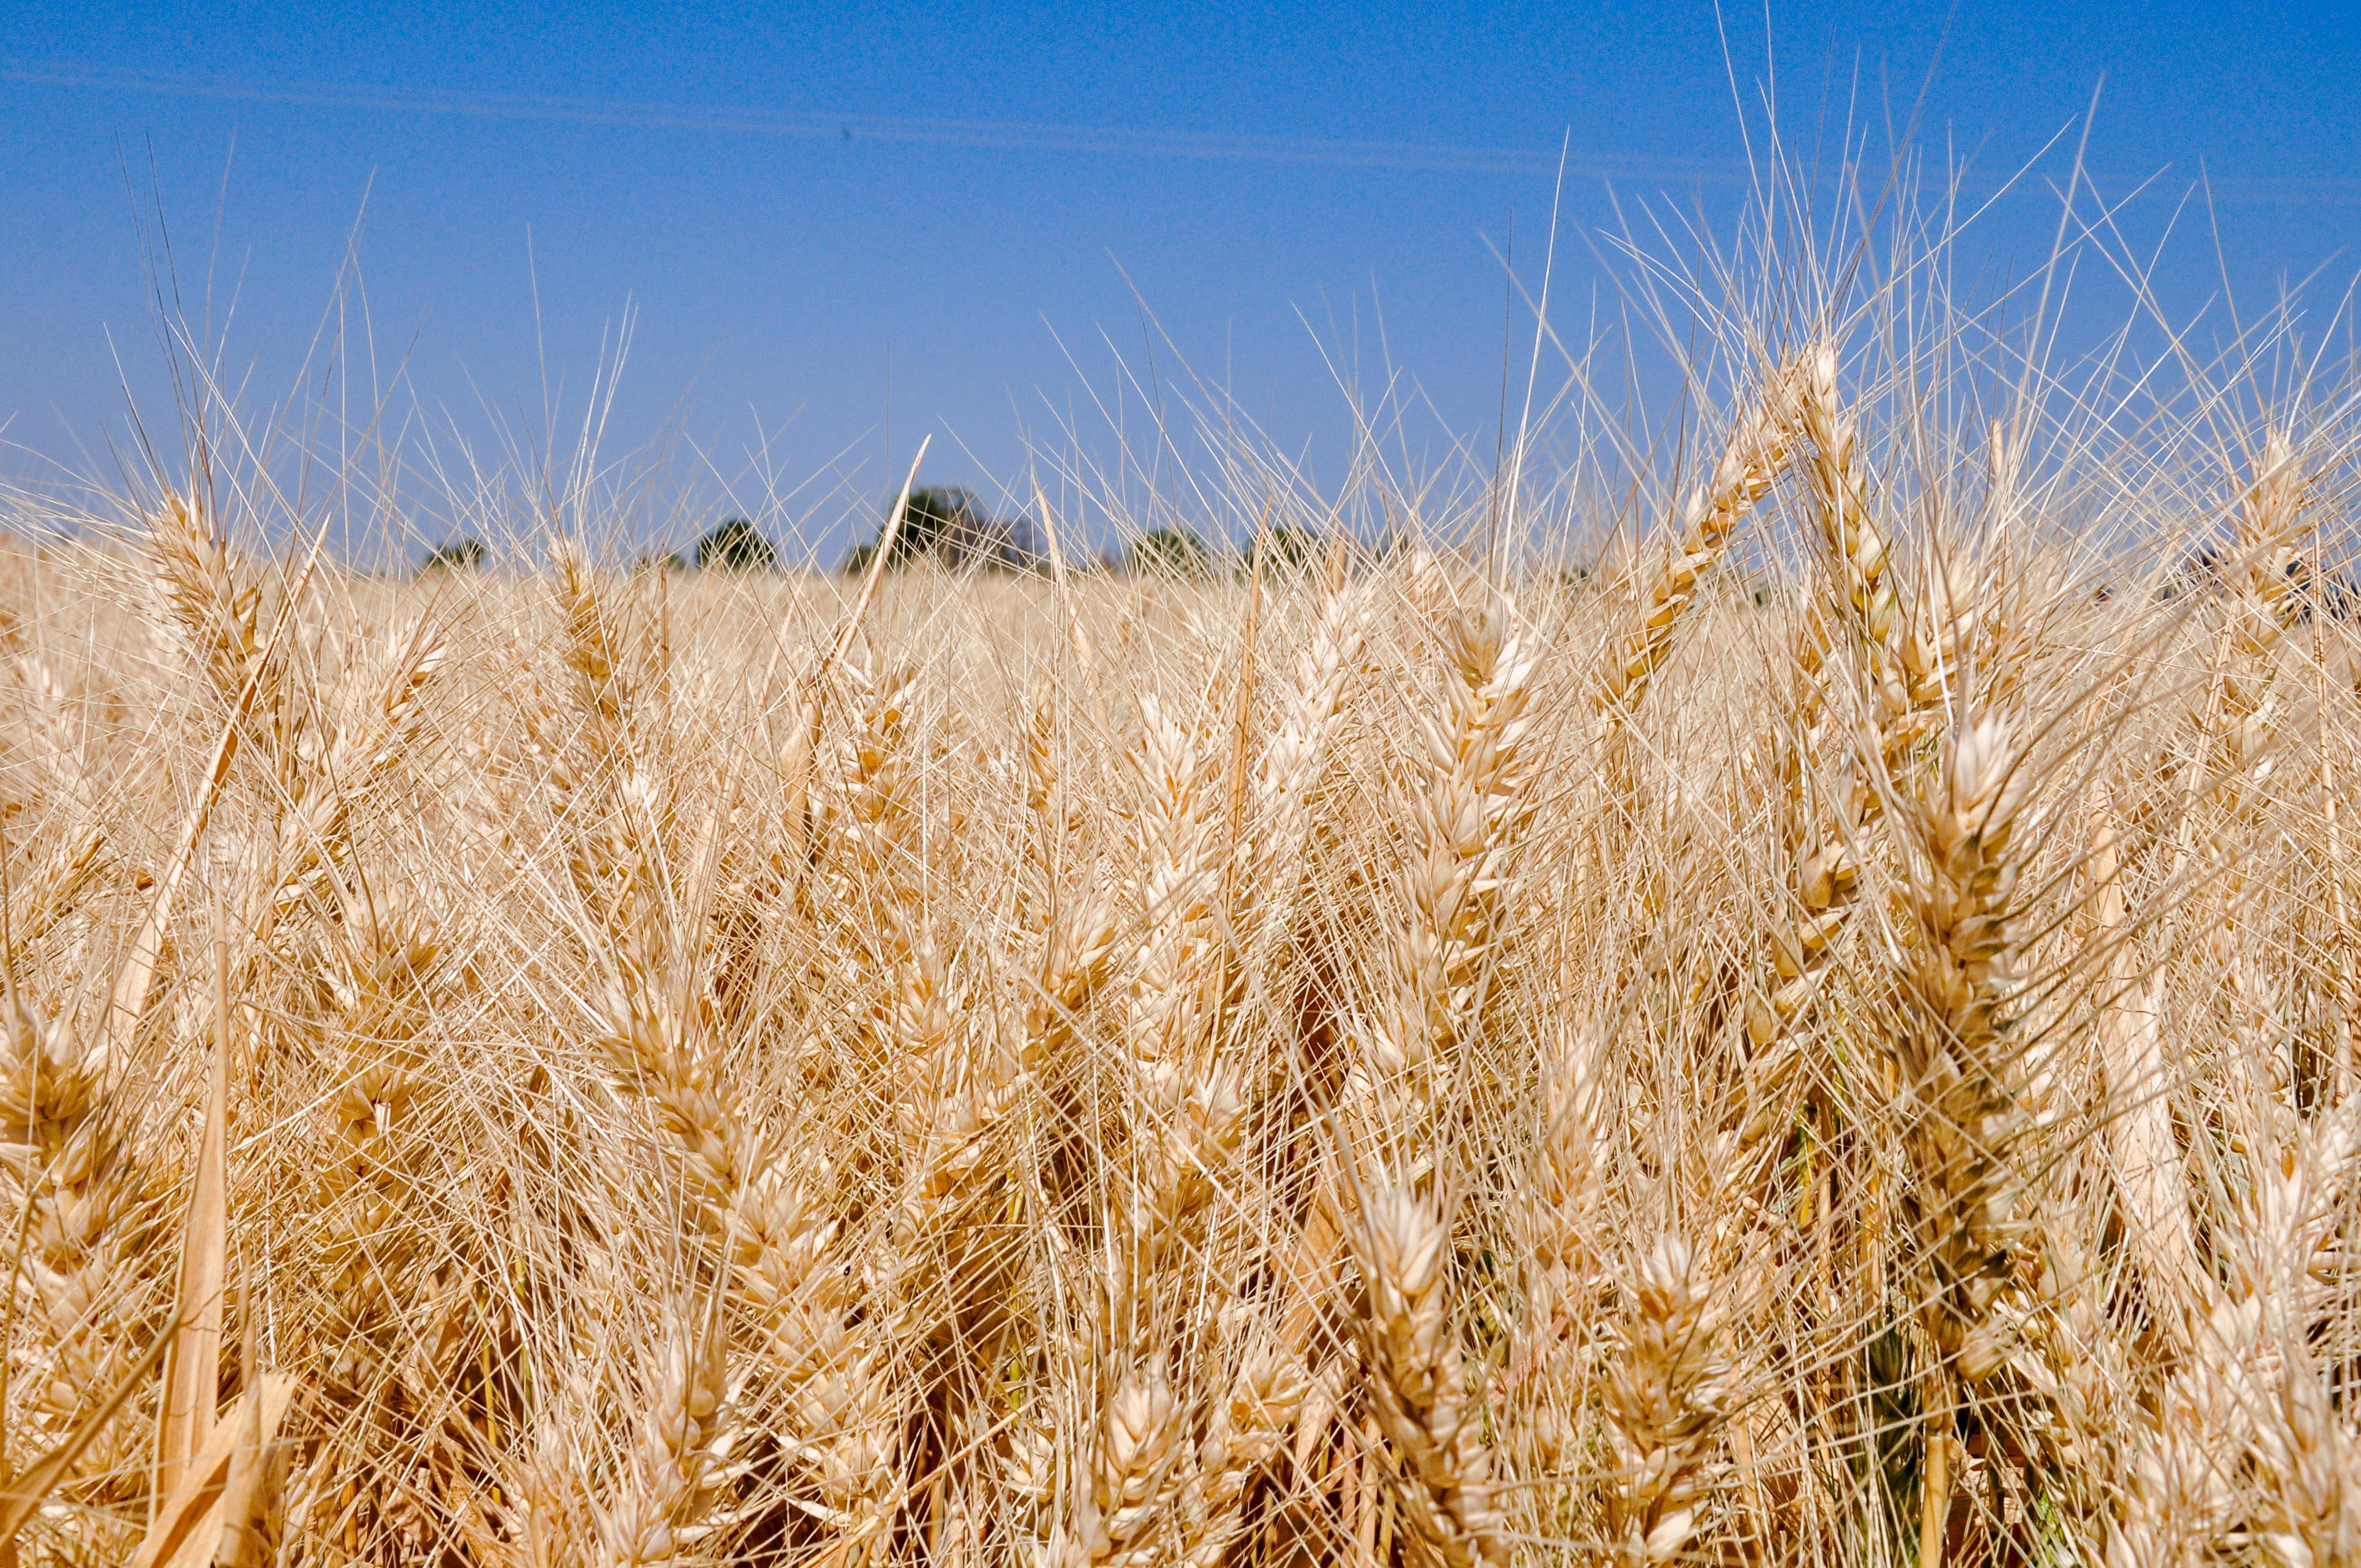 La producción de trigo se ubica en 3.7 millones de toneladas al mes de septiembre de este año, lo que representa un incremento de alrededor de 200 mil toneladas en relación a lo obtenido en el mismo lapso del año previo.